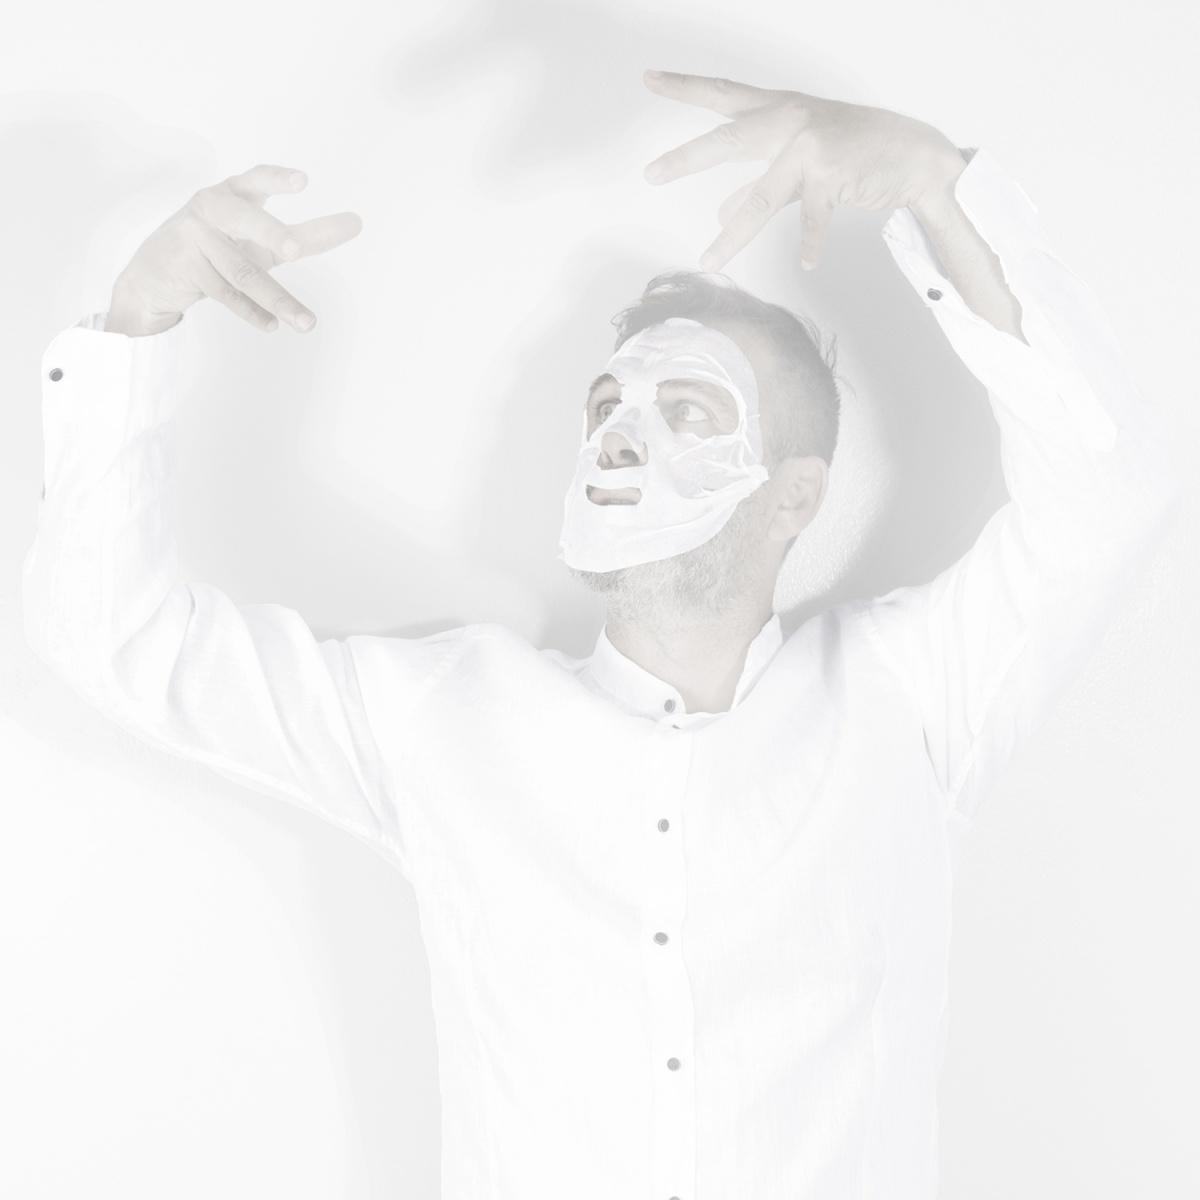 legaminismi-arte-ritratto-paolo-posarelli-medulla-studio